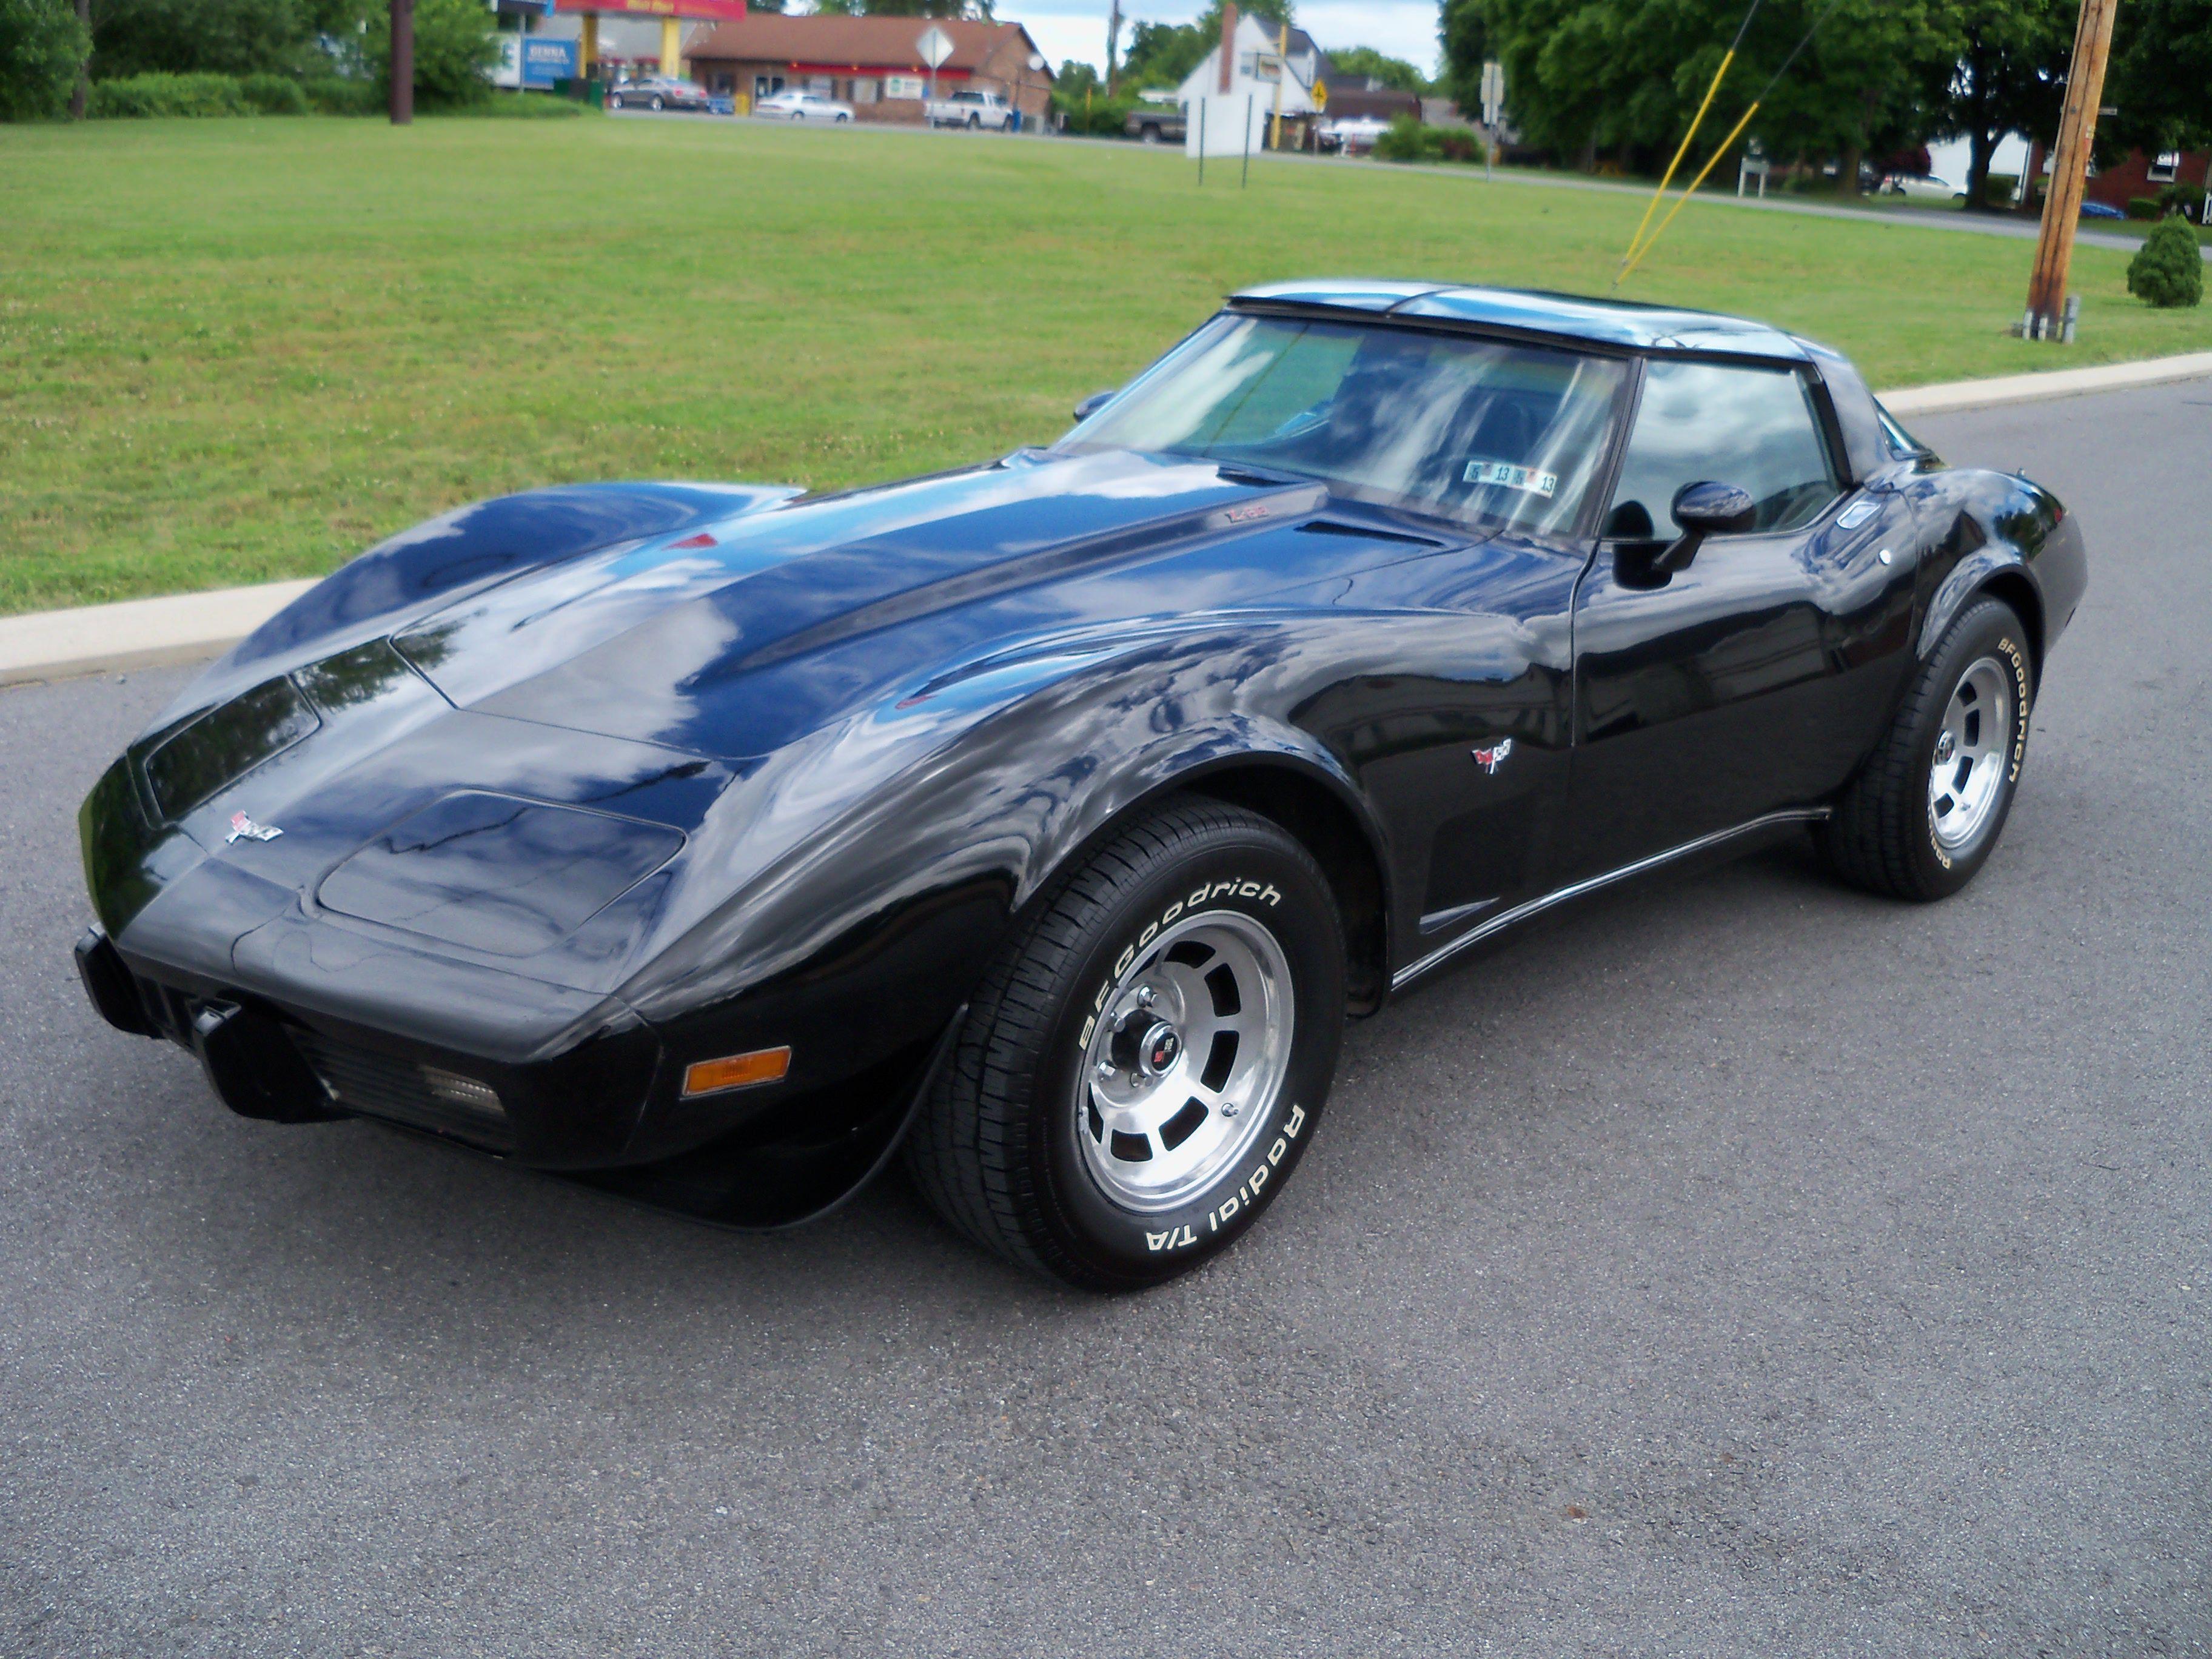 Worksheet. 1979 Corvette L82  Corvette USA1  Pinterest  Vehicles